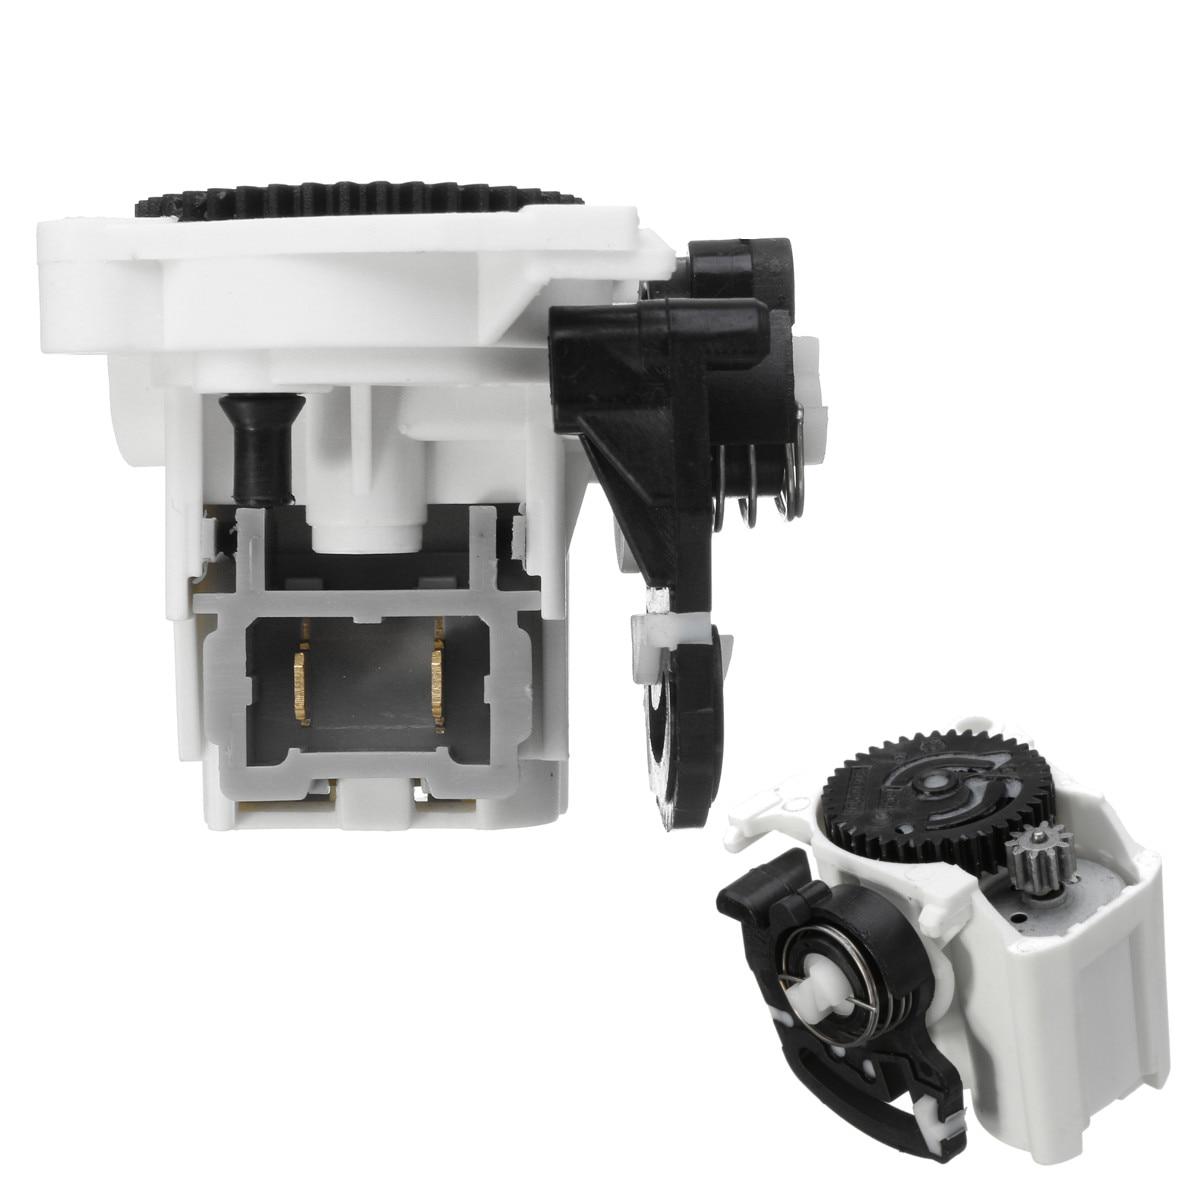 תא מטען נעילה מרכזית מנוע עבור רנו קליאו 2 מגאן Twingo סניק 8200102583 7700435694 7701473742 N0501380